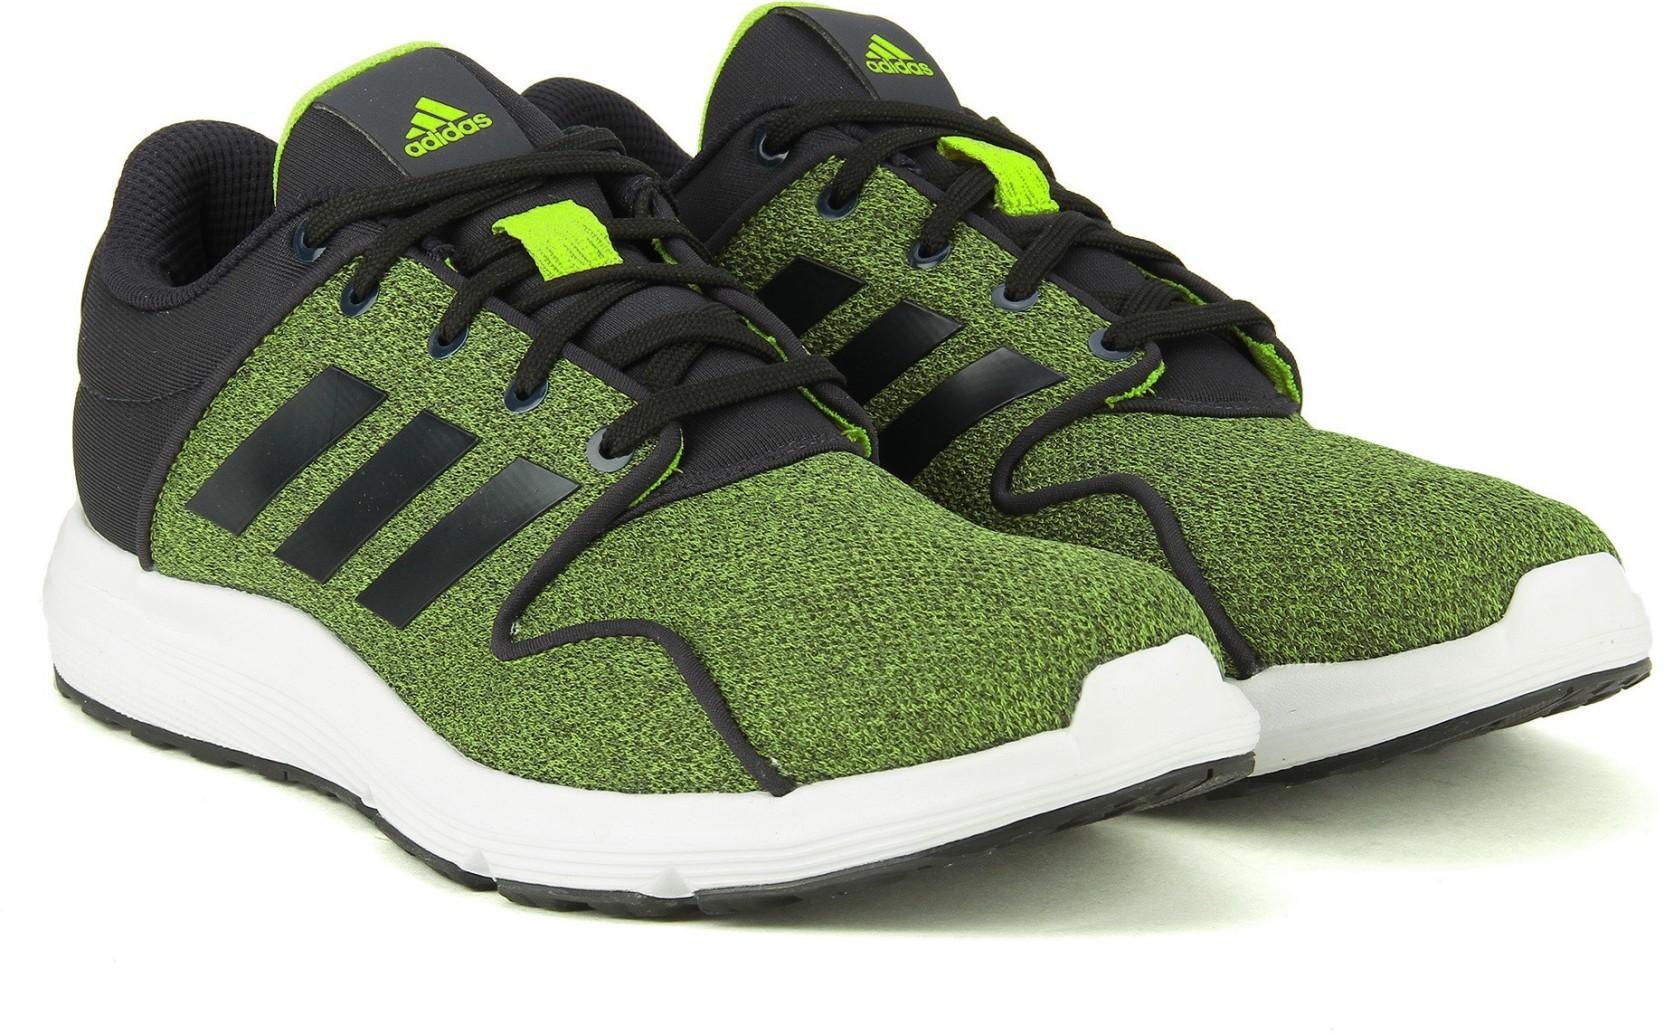 adidas toril m per gli uomini comprano scarpe da corsa shosli / legink / shosli